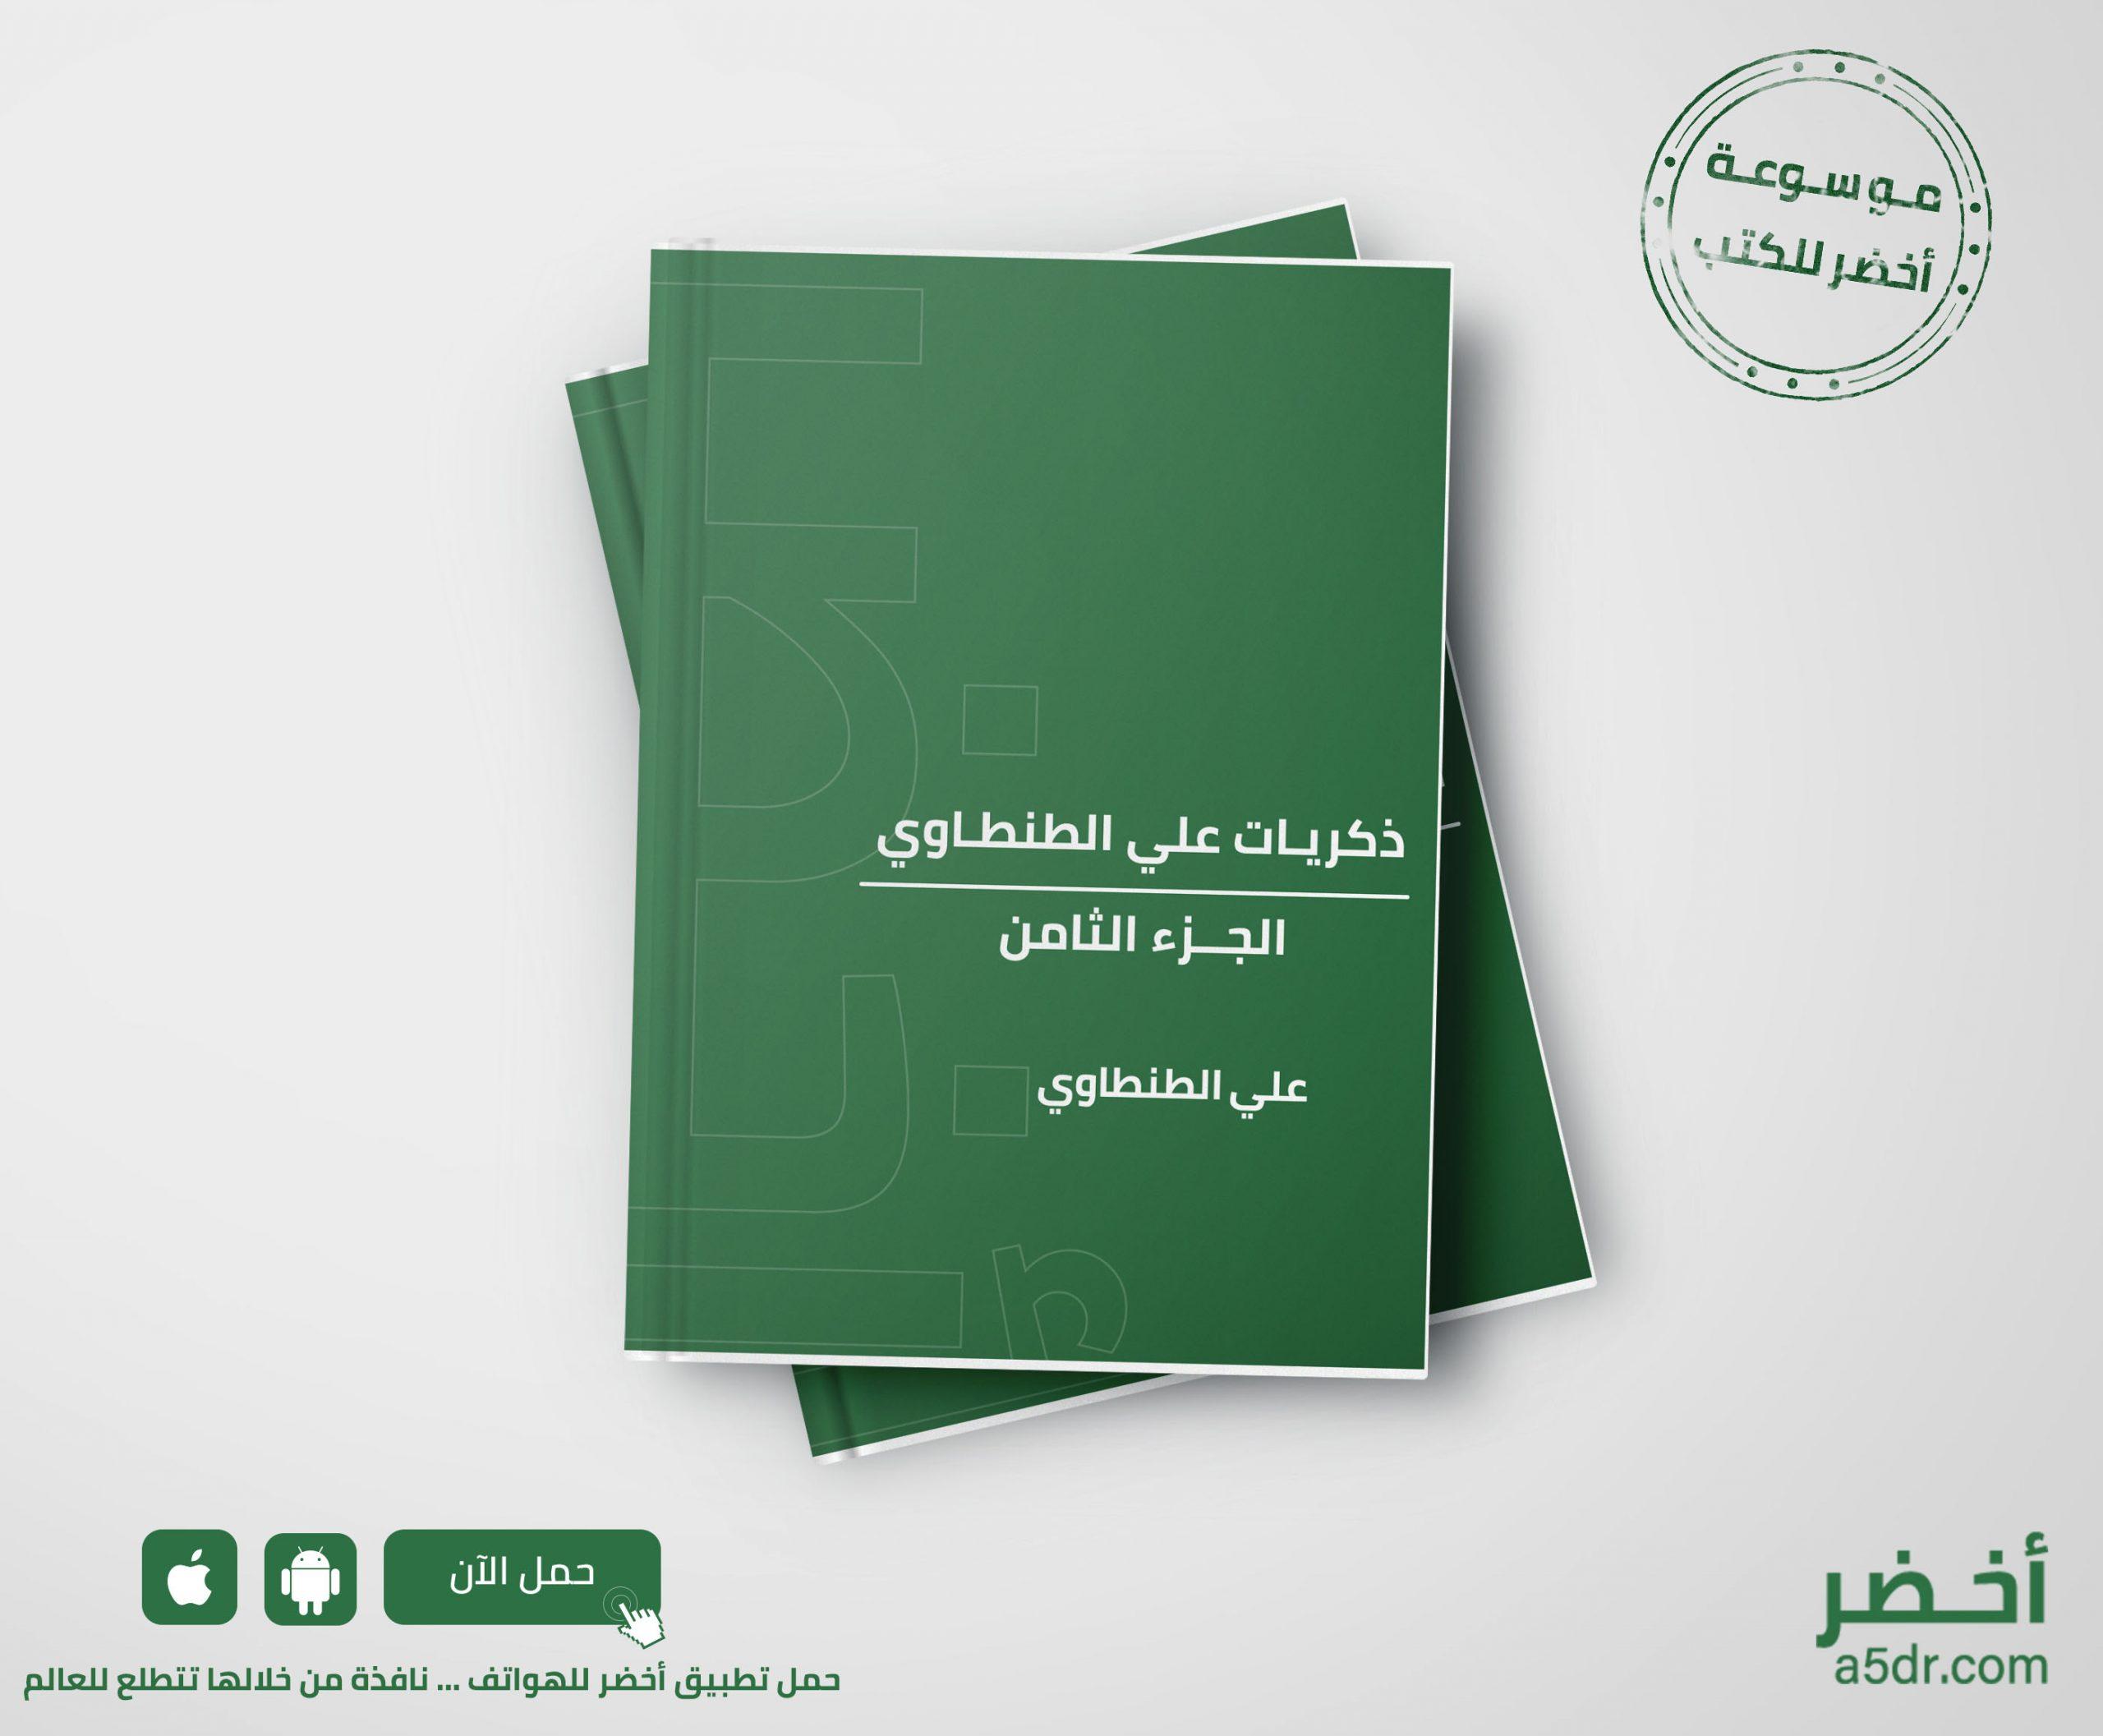 كتاب ذكريات علي الطنطاوي (الجزء الثامن) - علي الطنطاوي